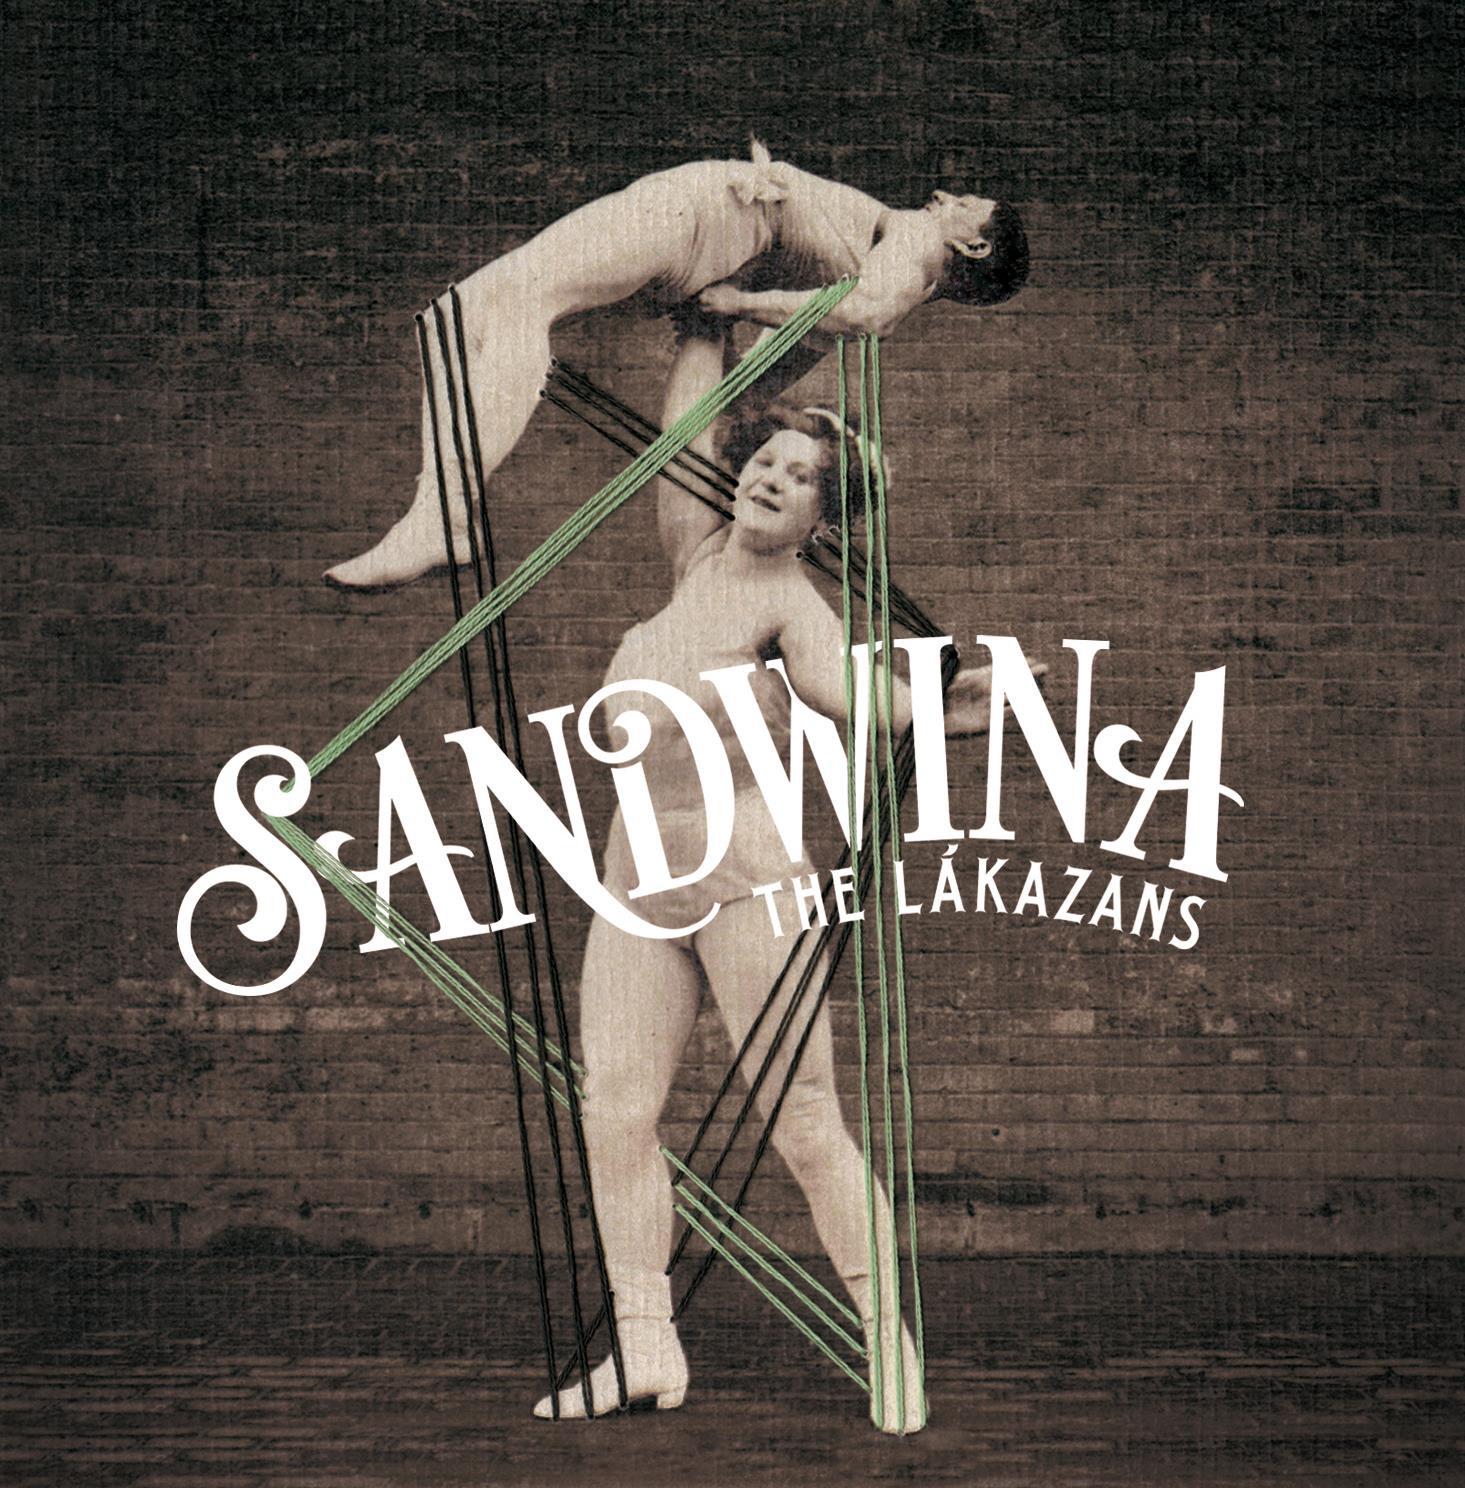 Sae hoxe á venda 'Sandwina', terceiro traballo dos boirenses